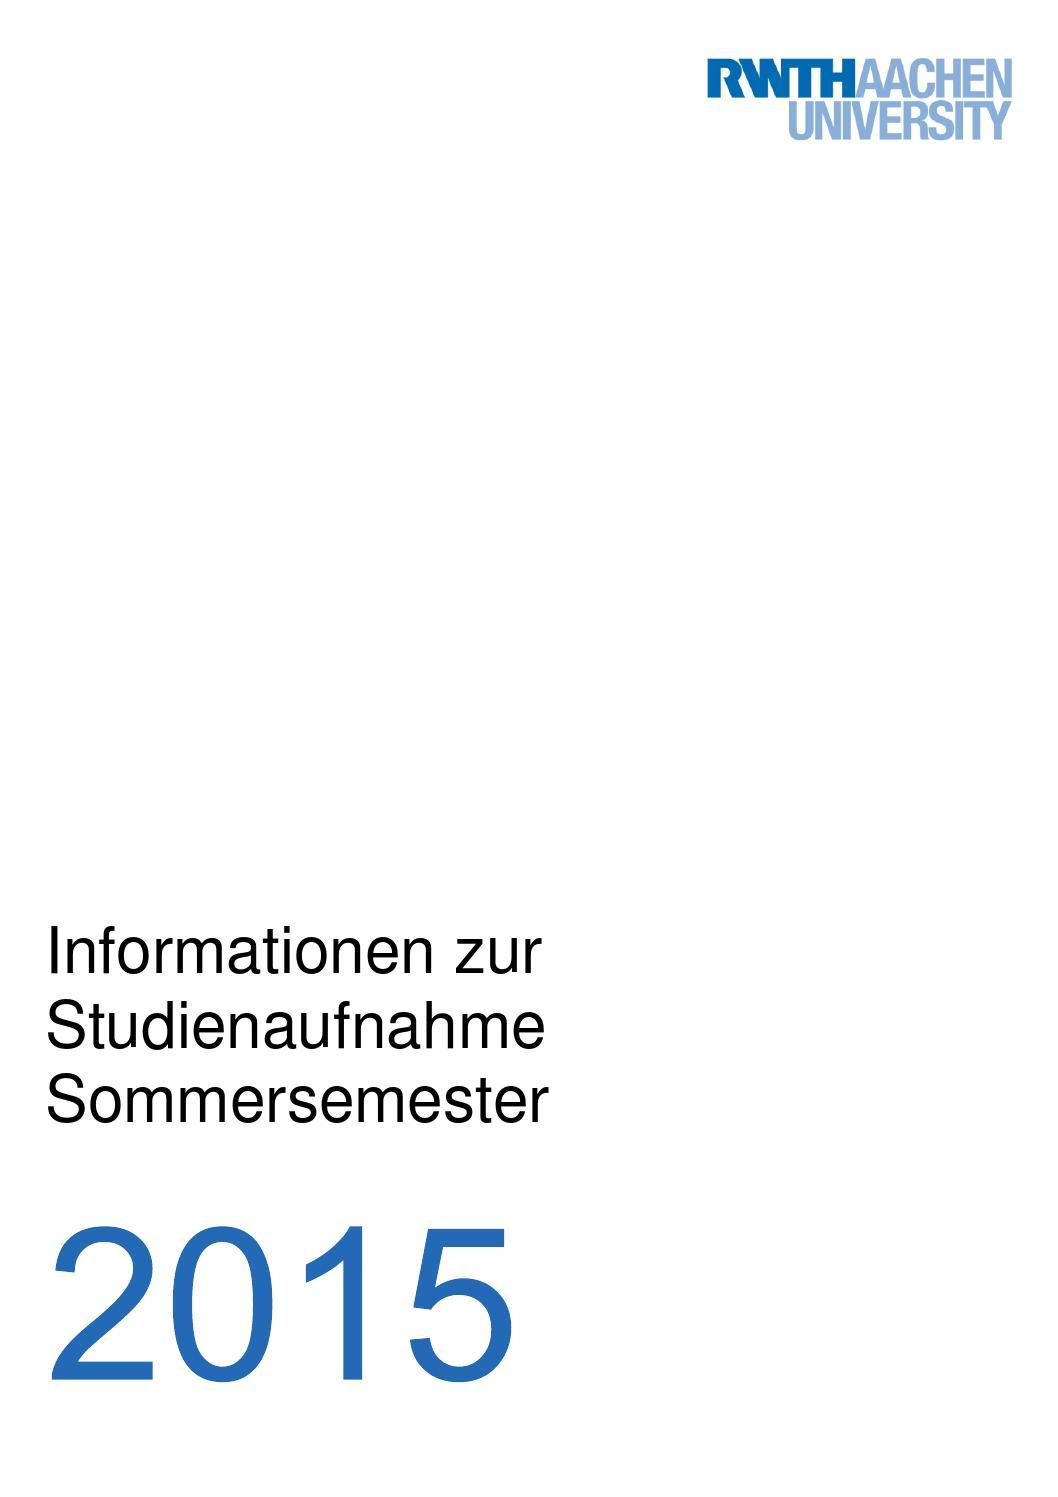 Informationen zur Studienaufnahme Sommersemester 2015 by RWTH Aachen  University - issuu